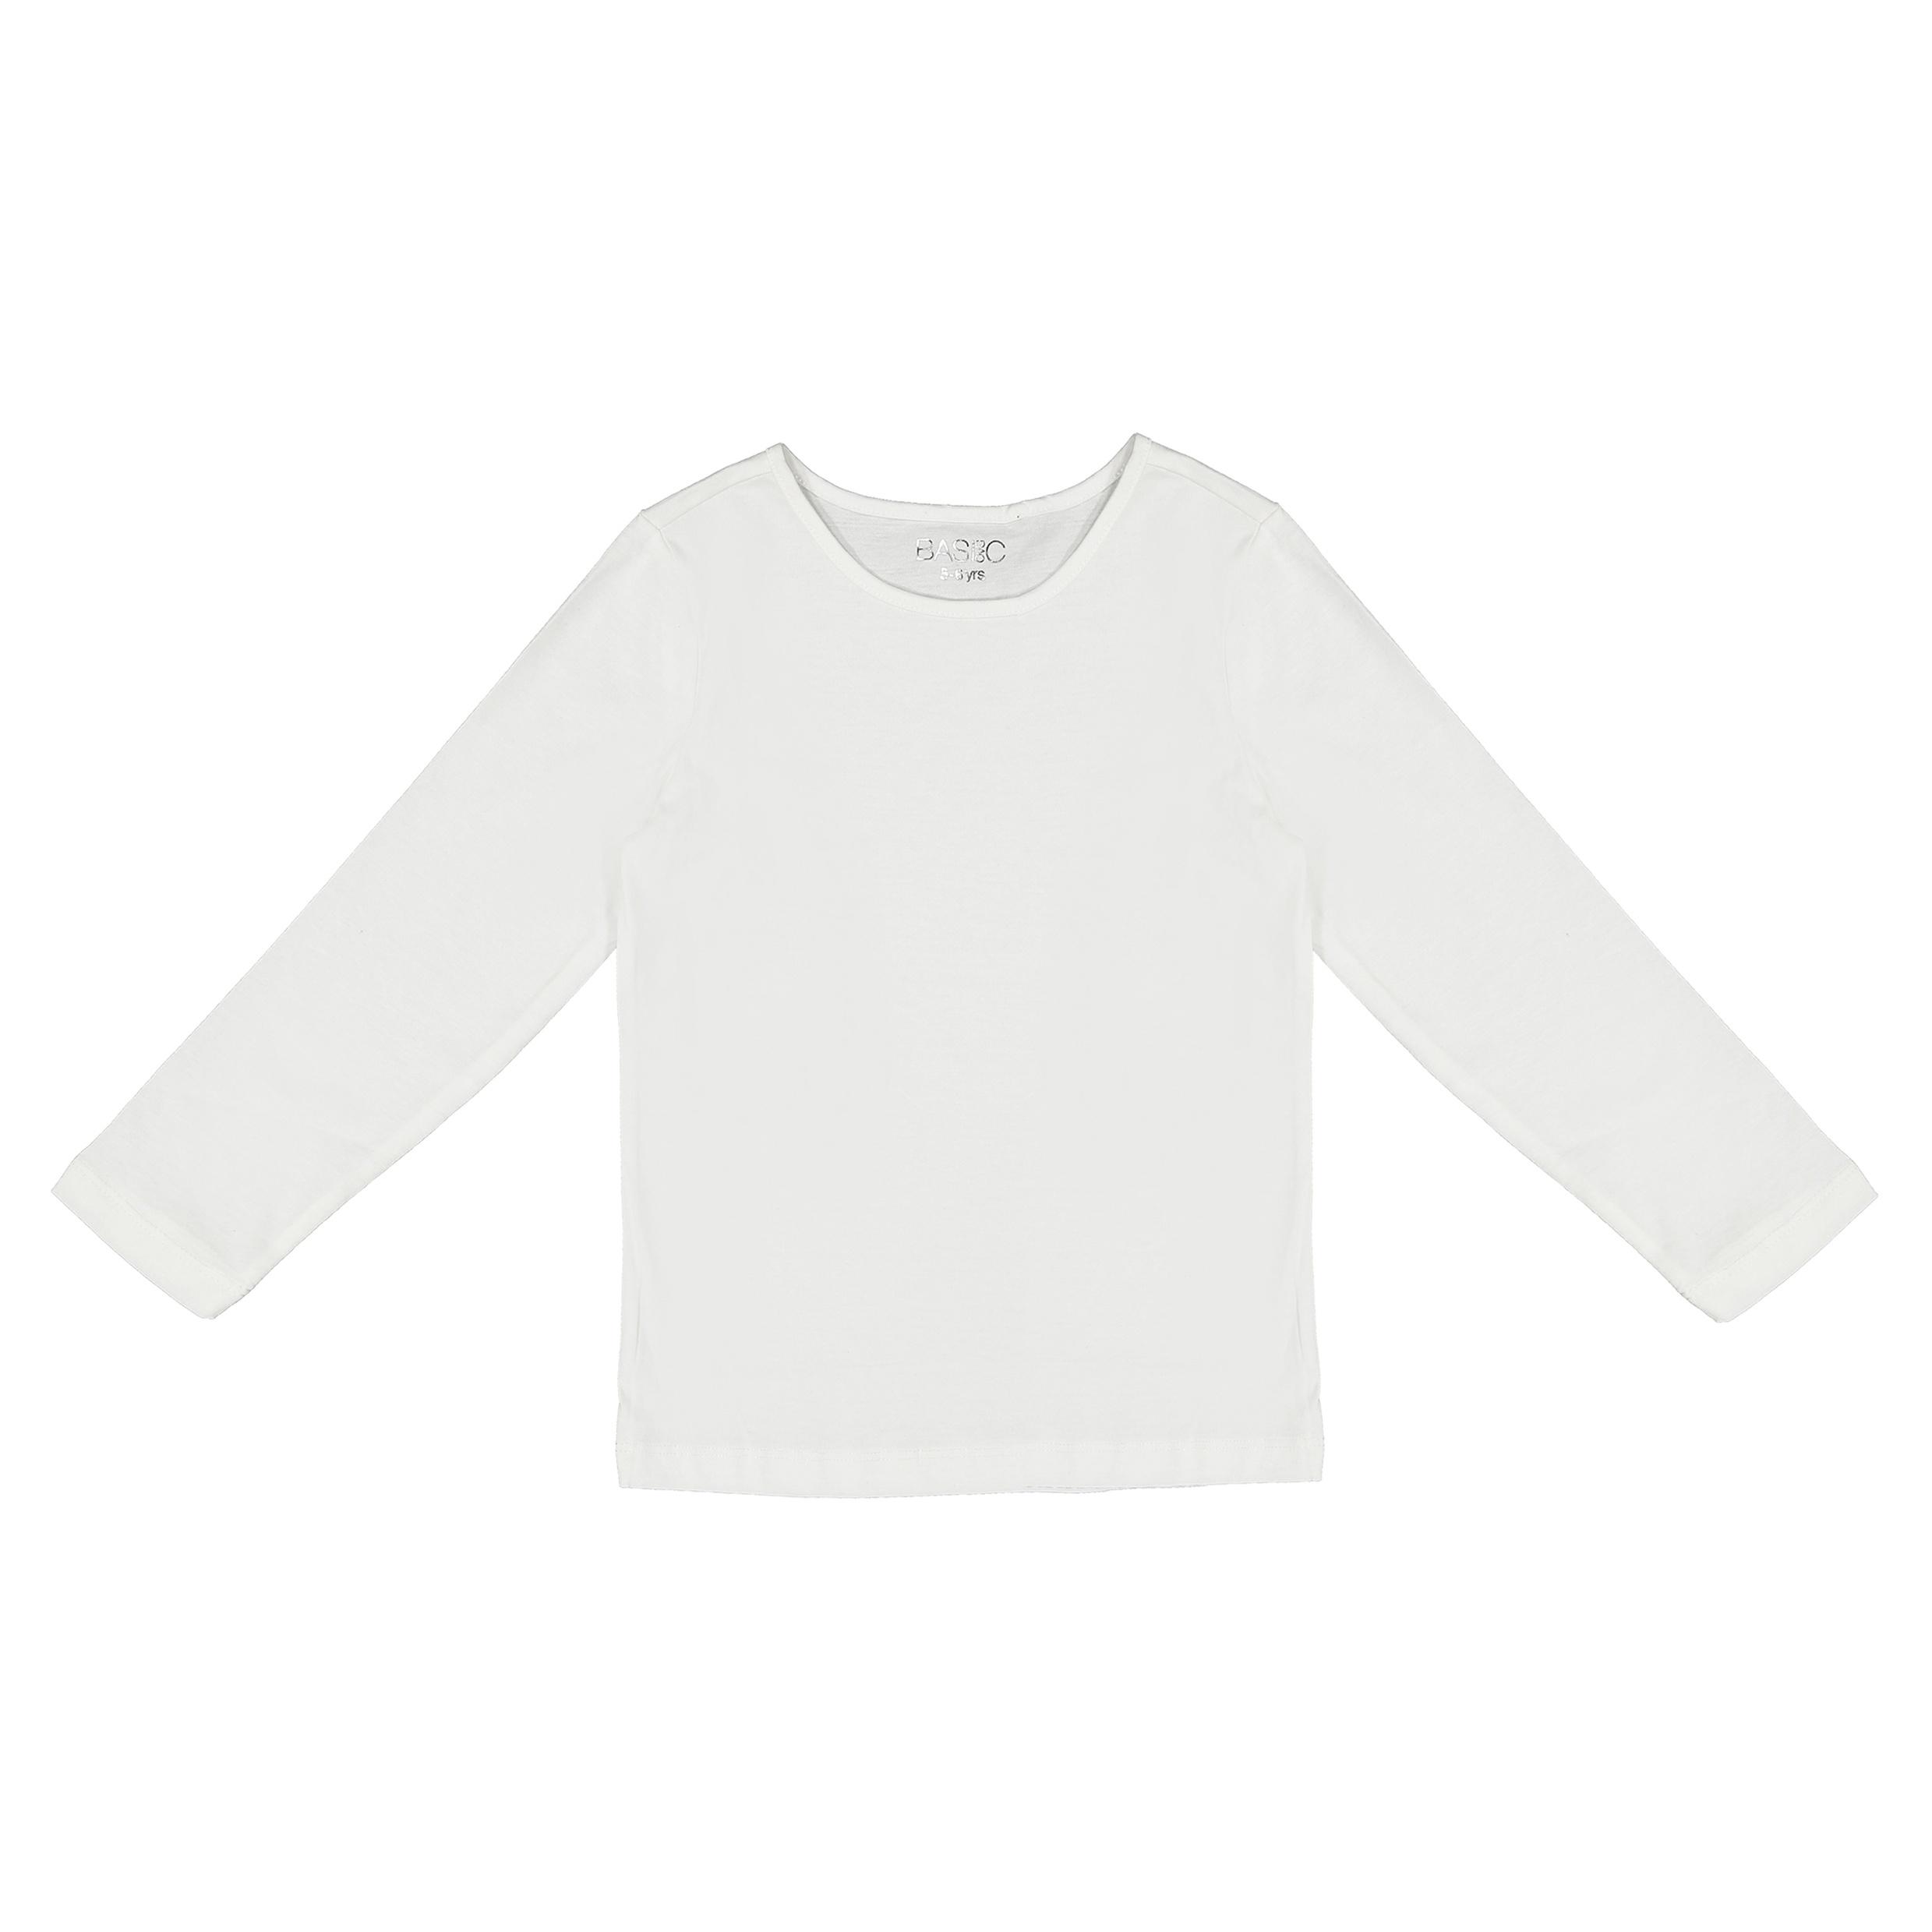 تی شرت دخترانه او وی اس مدل 9160232